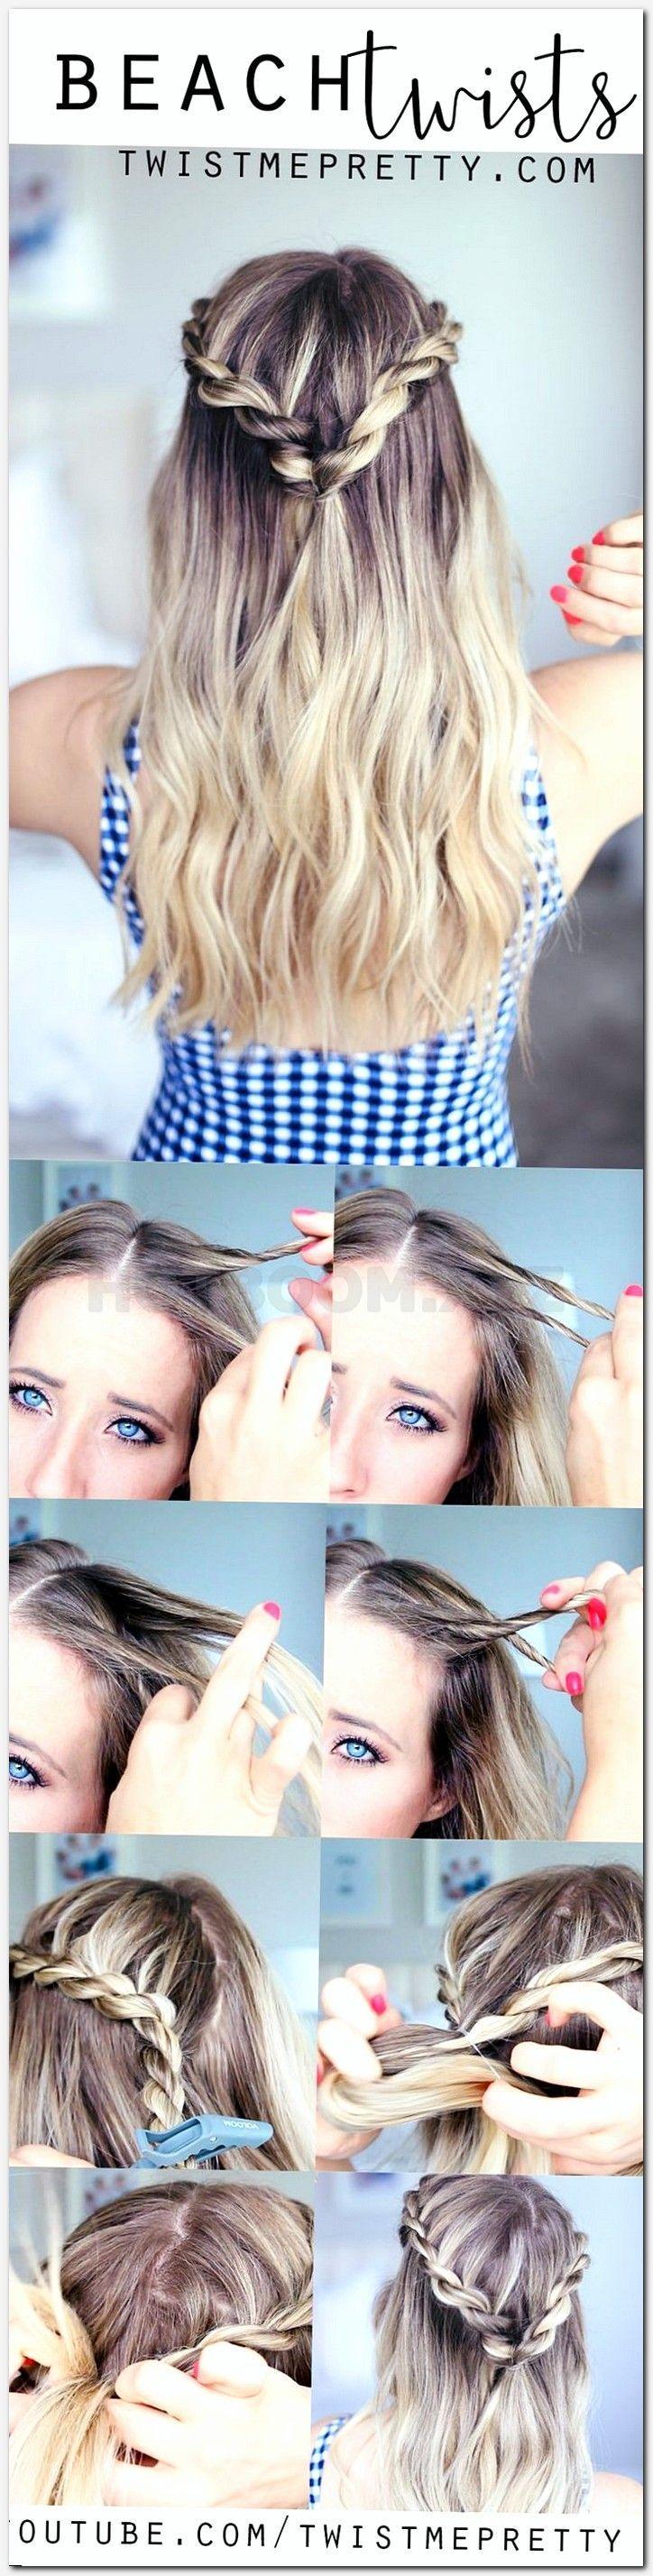 einfache mittlere Länge Frisuren, schnelle süße einfache Frisuren, Herren top Haarschnitte